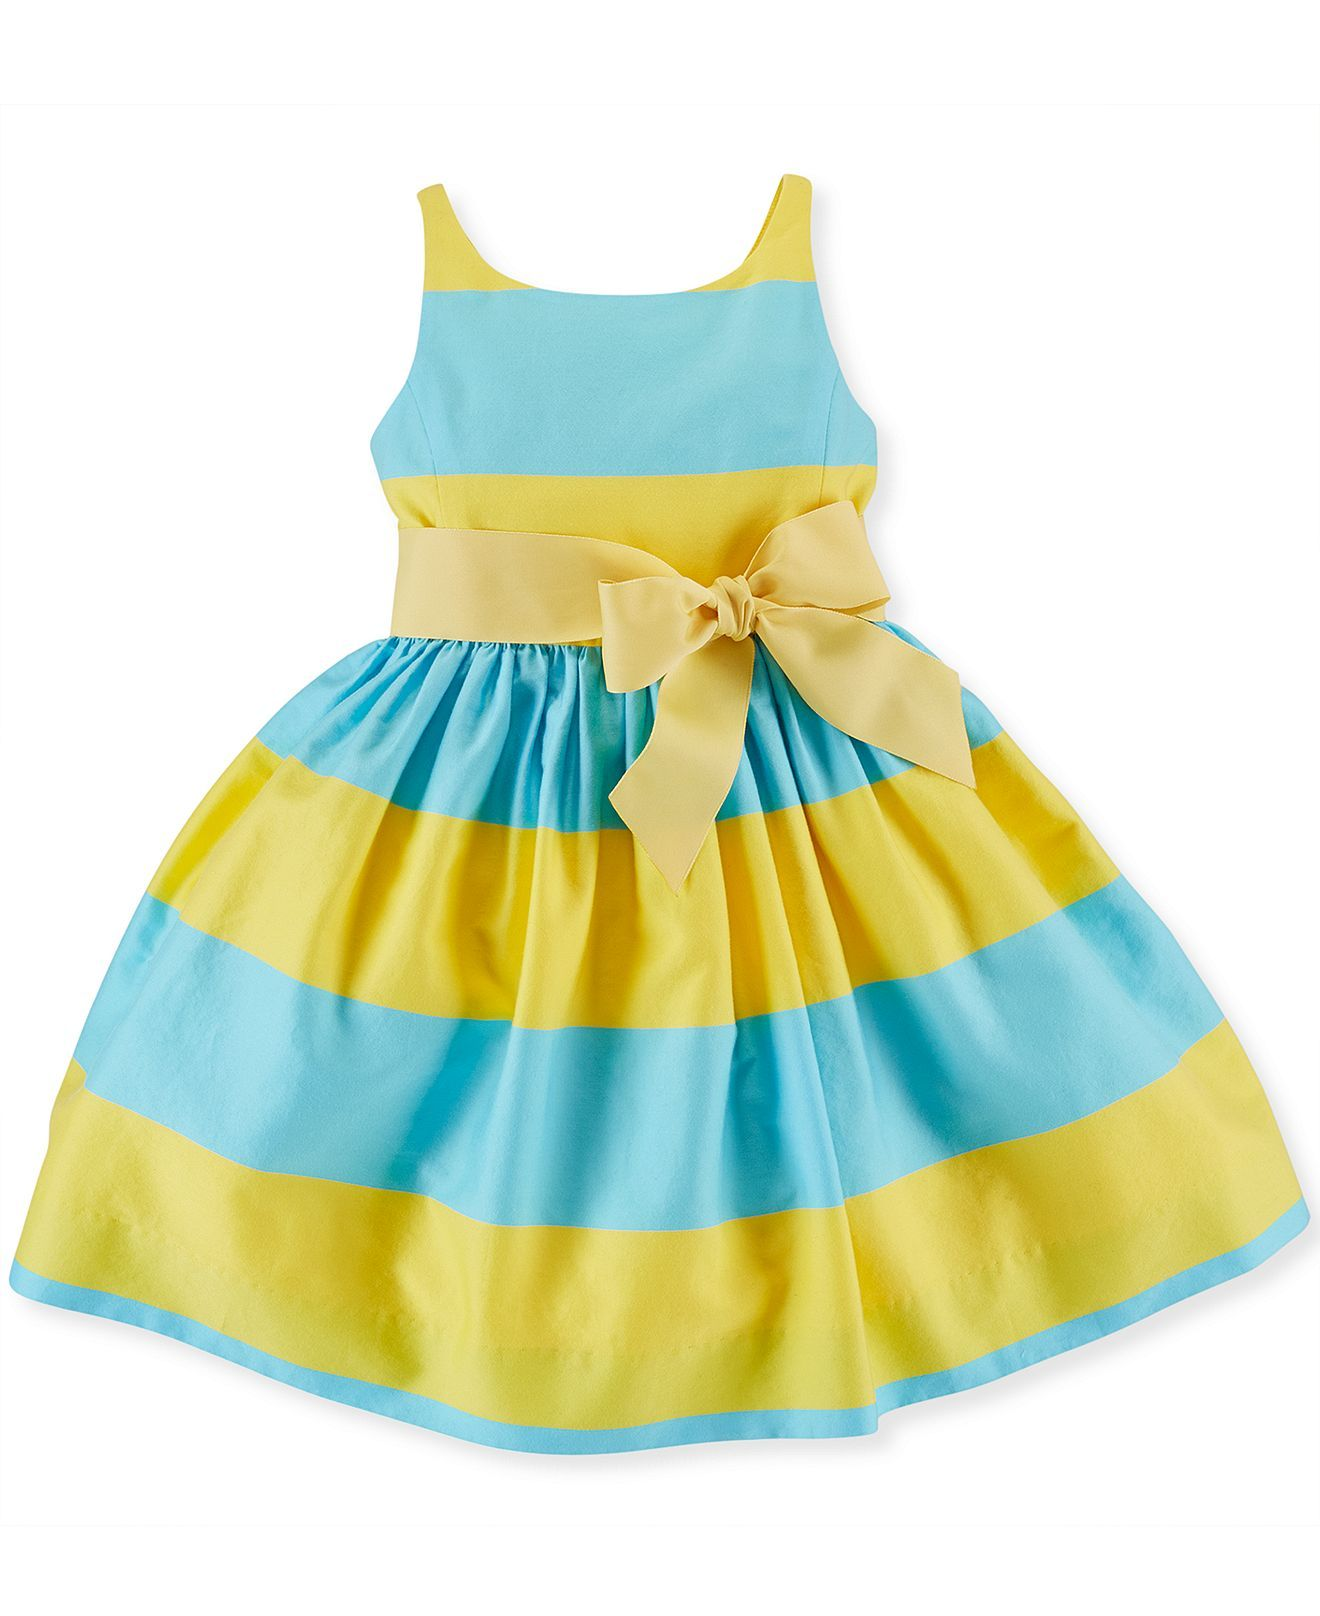 Polo Ralph Lauren Little Girls  Sateen Dress - Kids Girls 2-6X - Macy s 929d523b4ee9